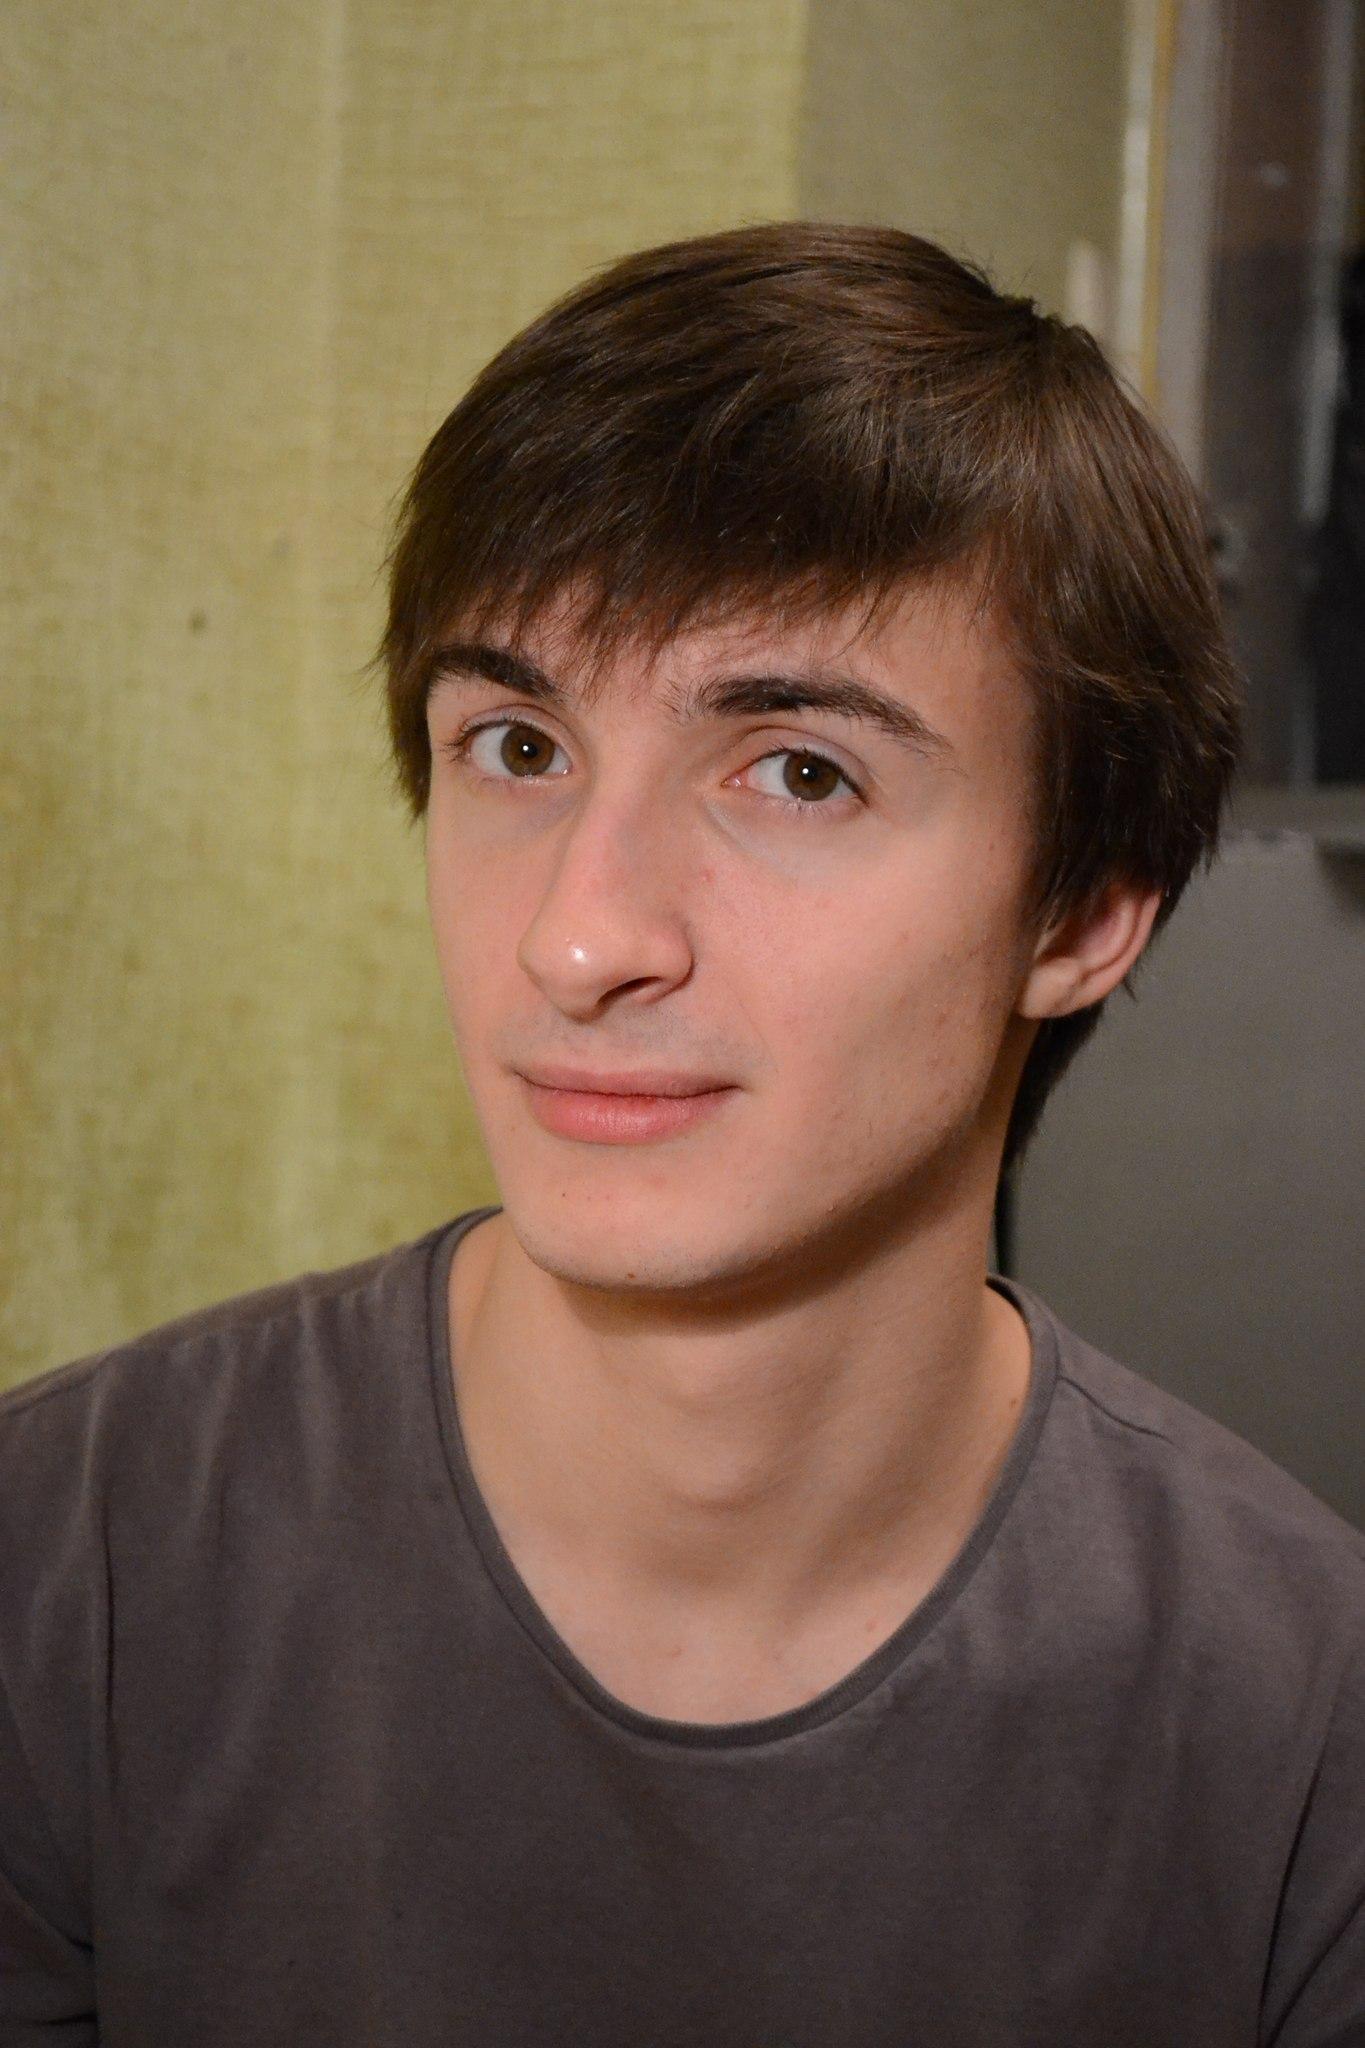 antonbaranikov